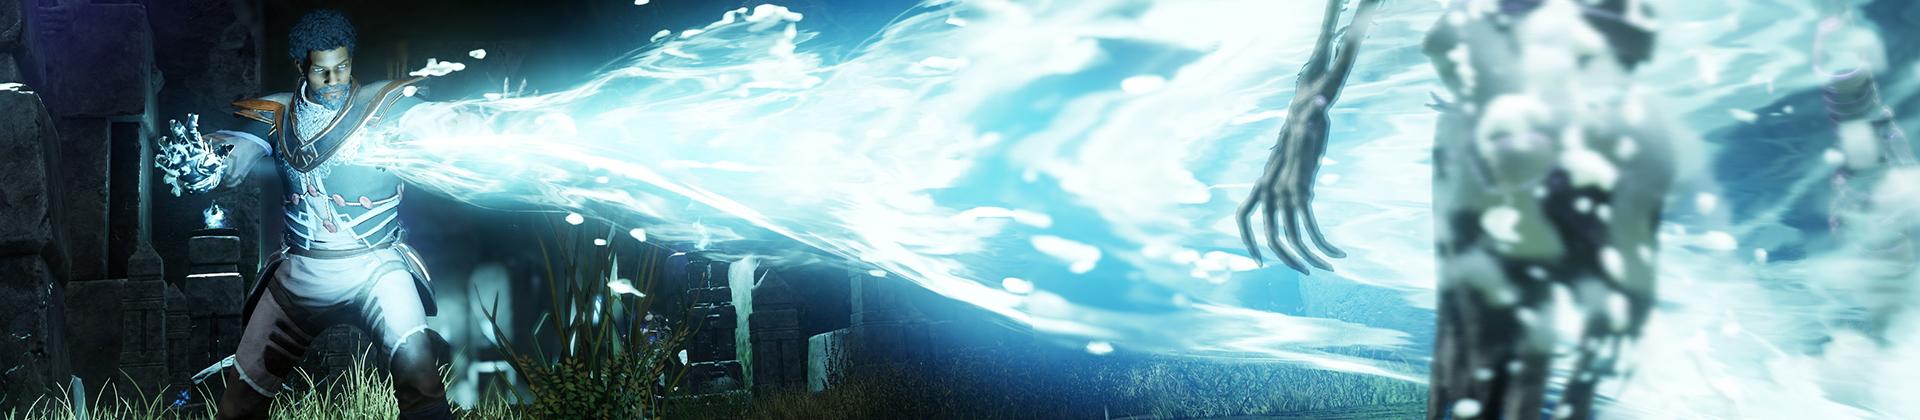 Ein Screenshot von New World, in der ein Charakter mit der neuen Eisstulpe einen weißblauen Froststrahl auf einen Skelettgegner schießt.